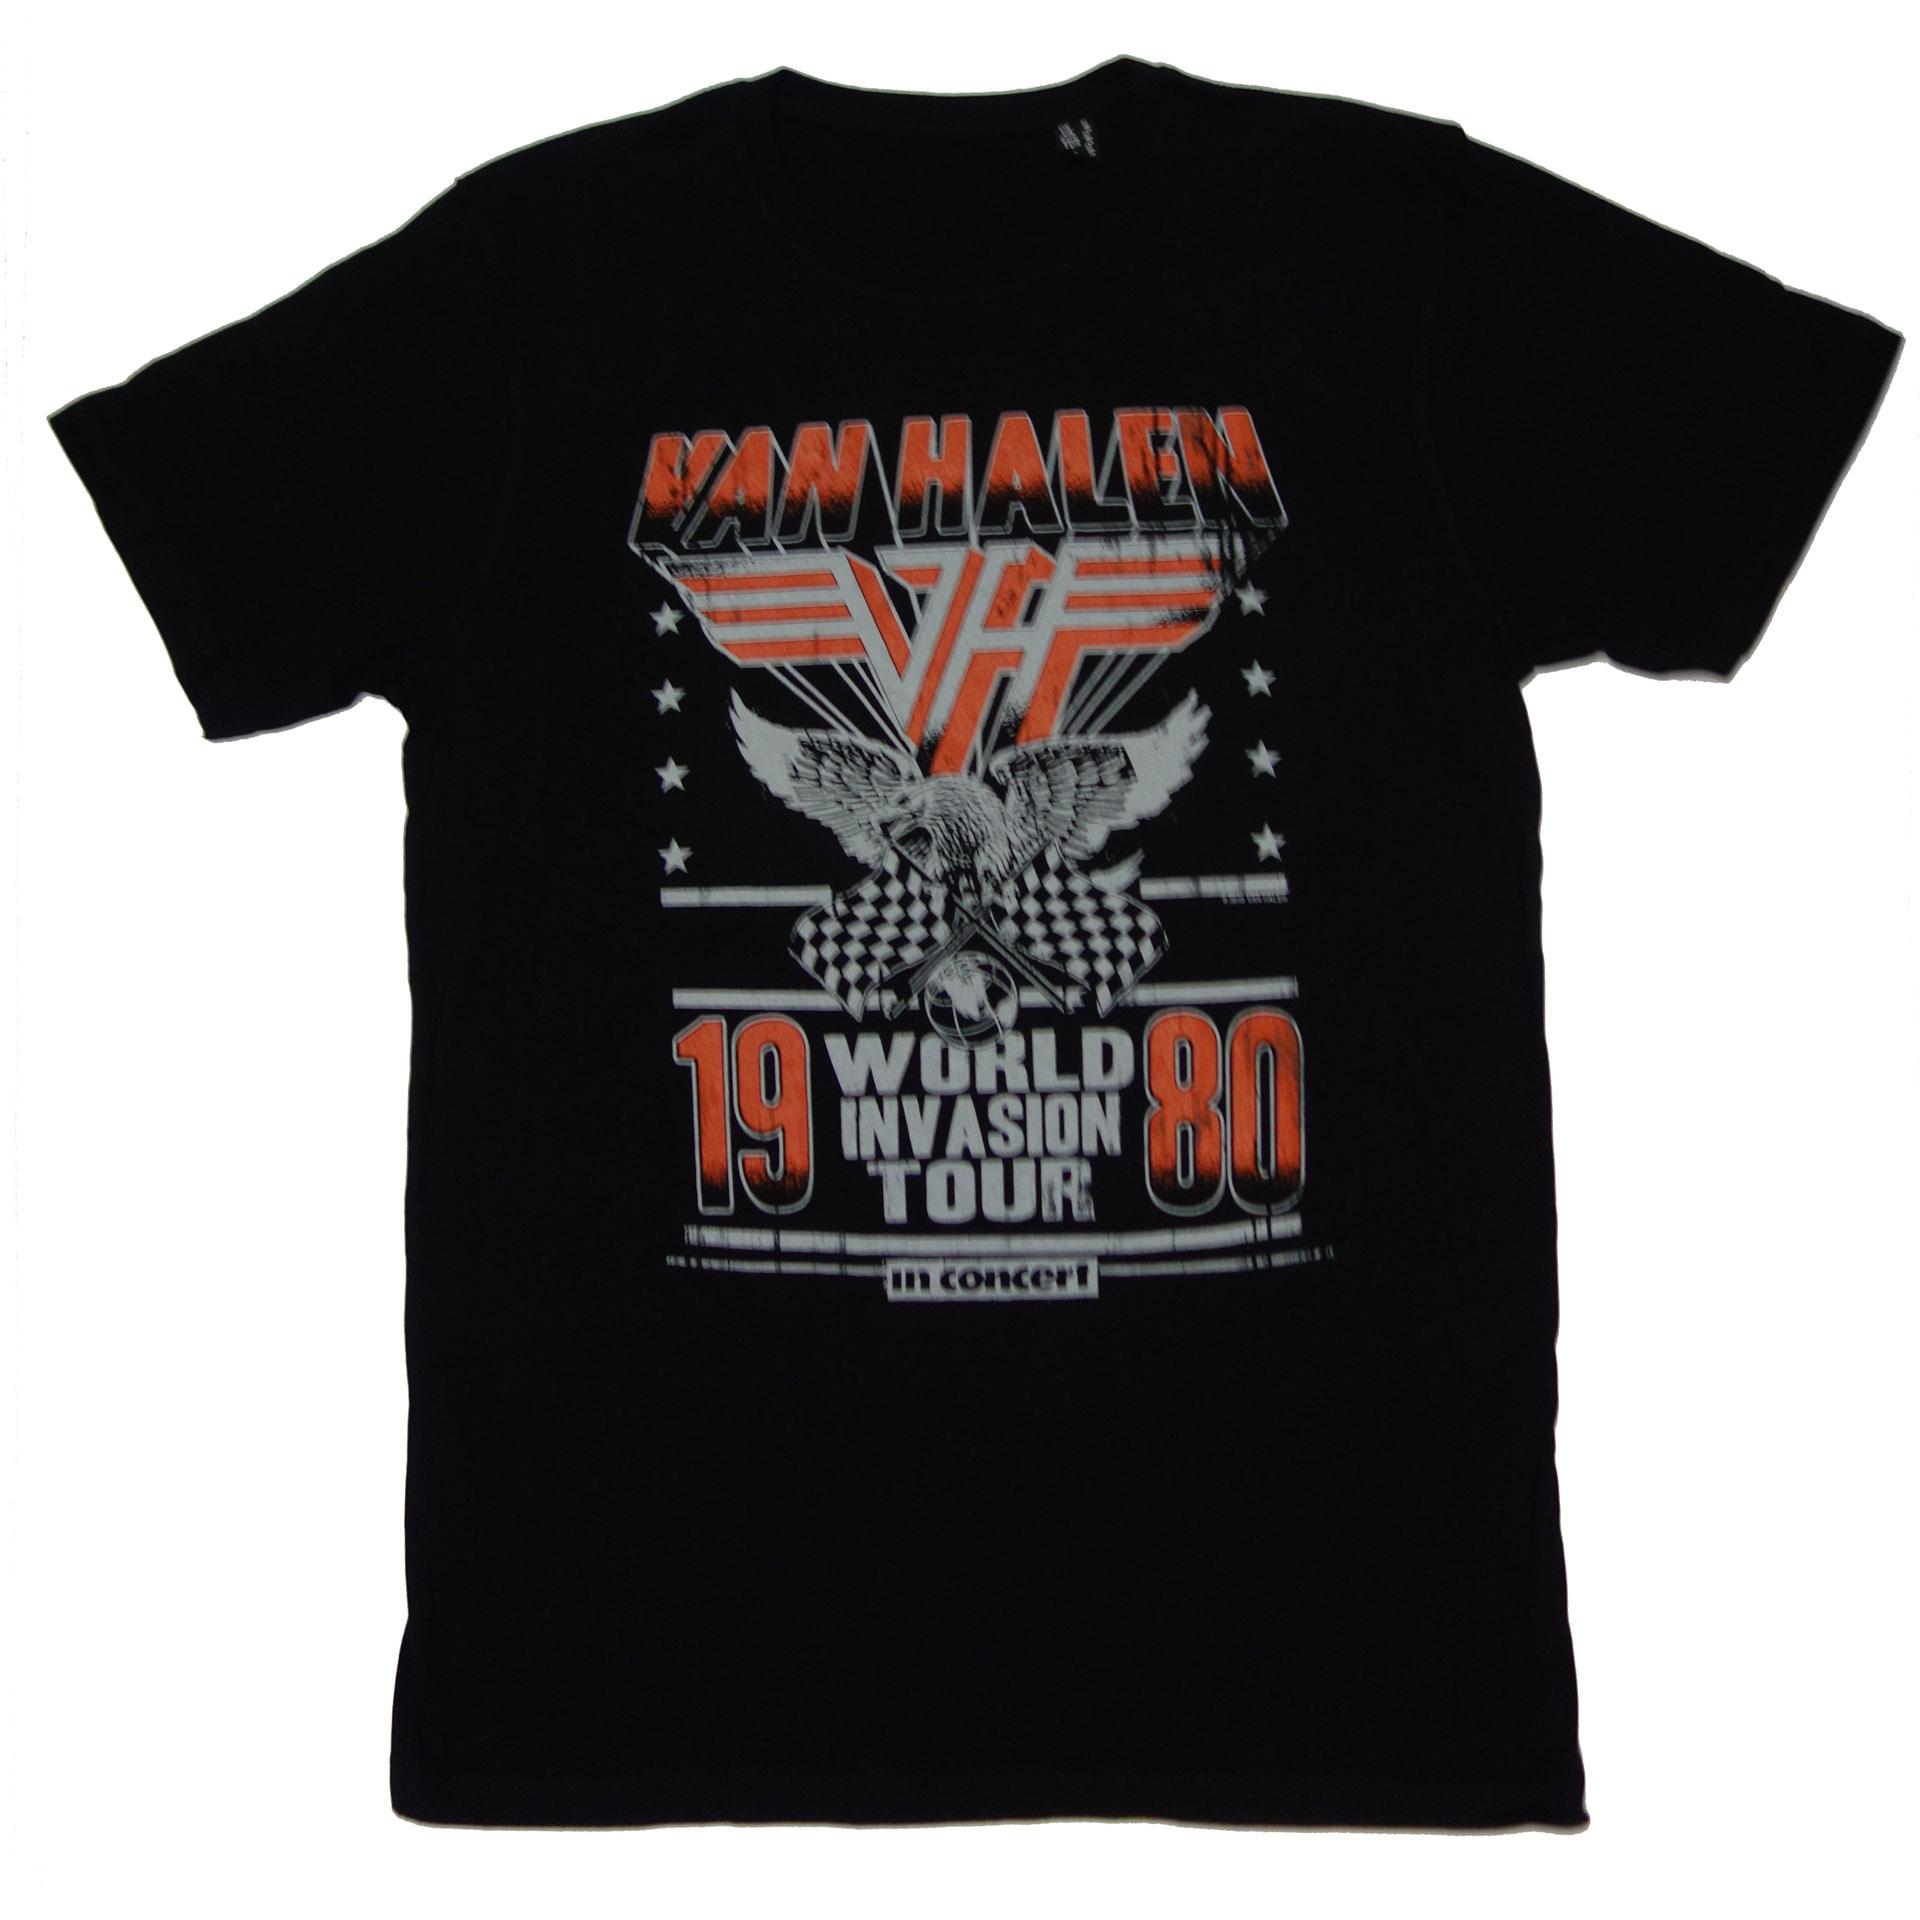 T-Shirt Van Halen World Invasion Tour 1980